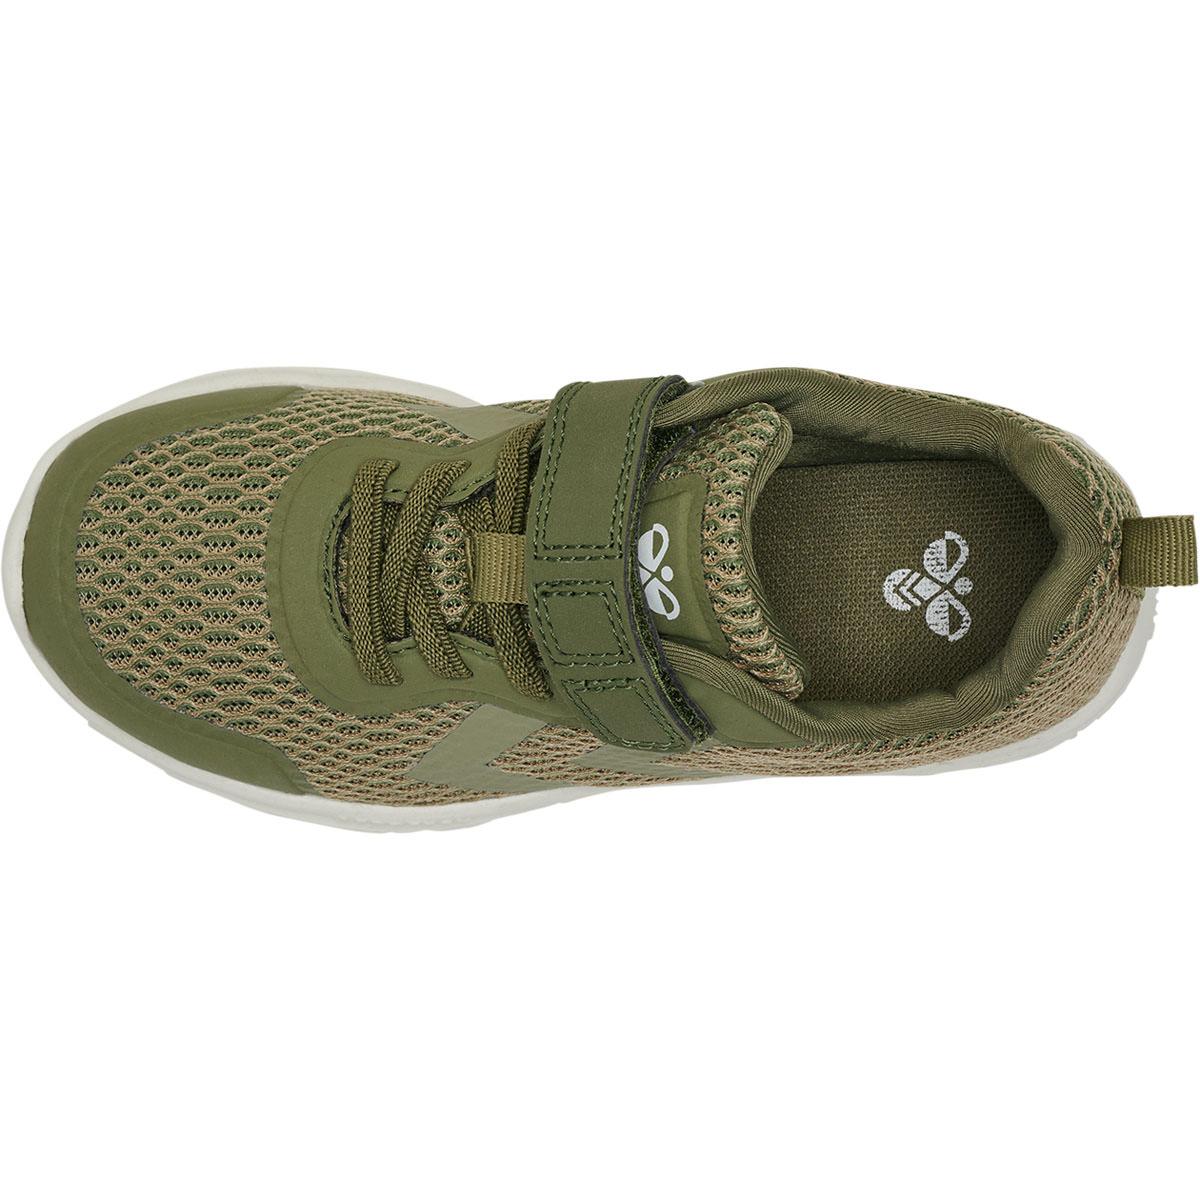 Hummel Actus Ml Infant sneakers, deep lichen green, 22